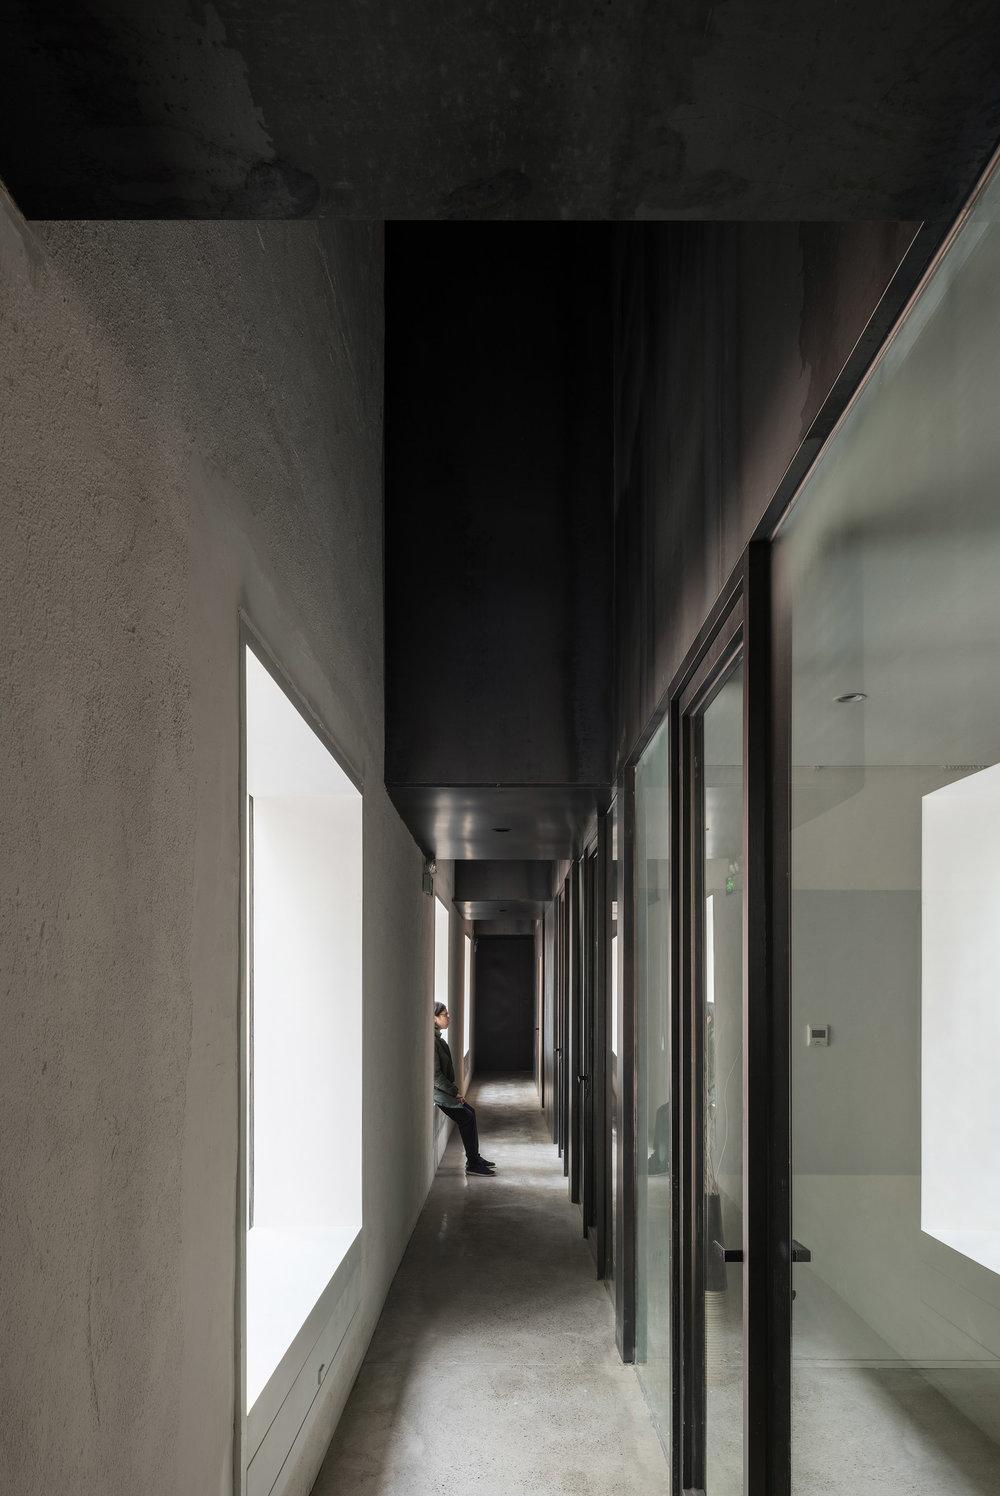 狭缝走道空间 interior passage.jpg